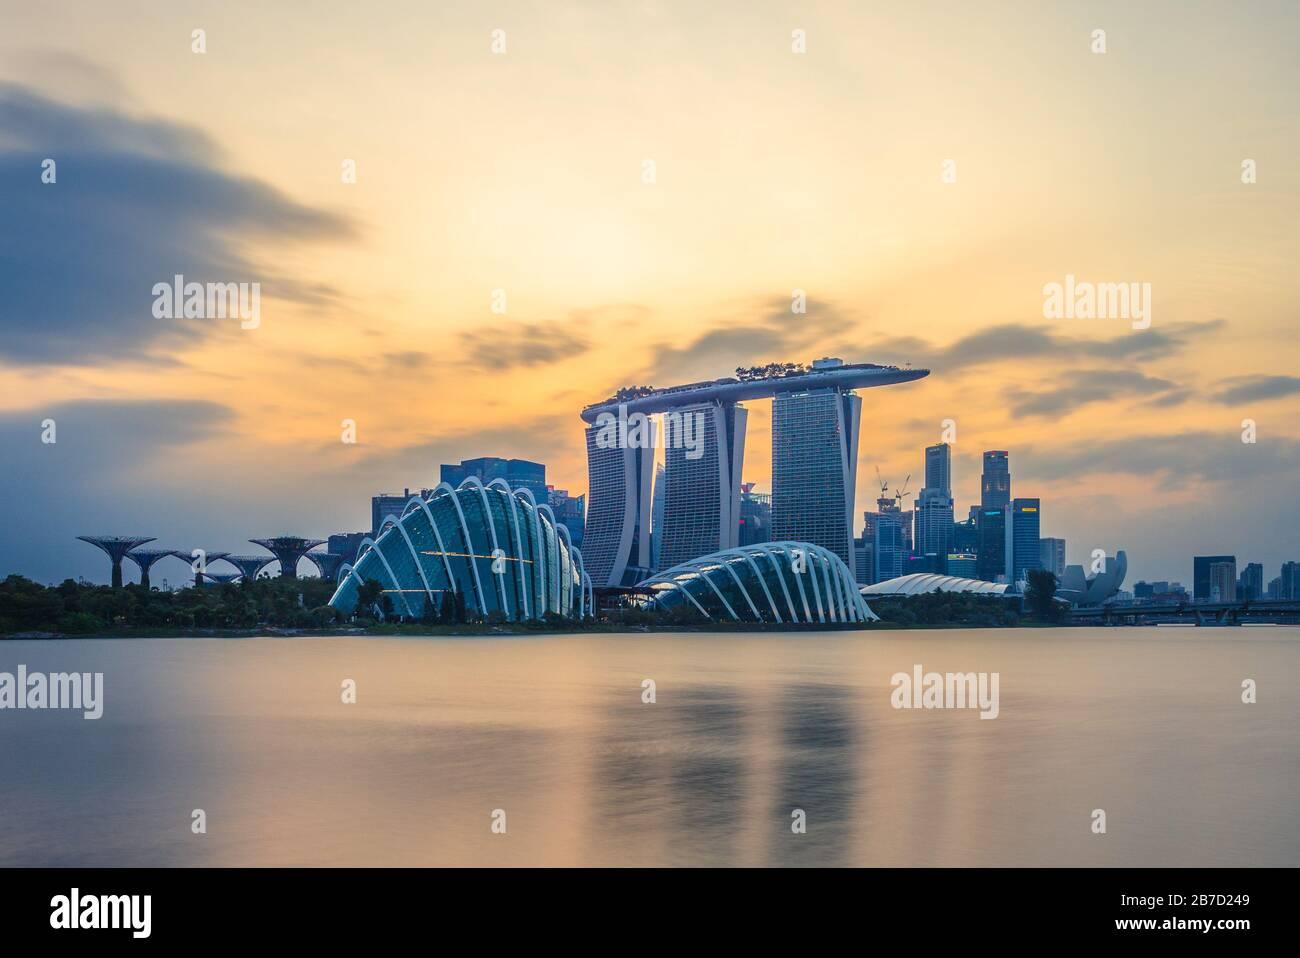 Singapore - 4 febbraio 2020: Skyline di singapore nella baia del porto turistico con un edificio iconico come superalbero, sabbia della baia marina, museo artscience. Foto Stock